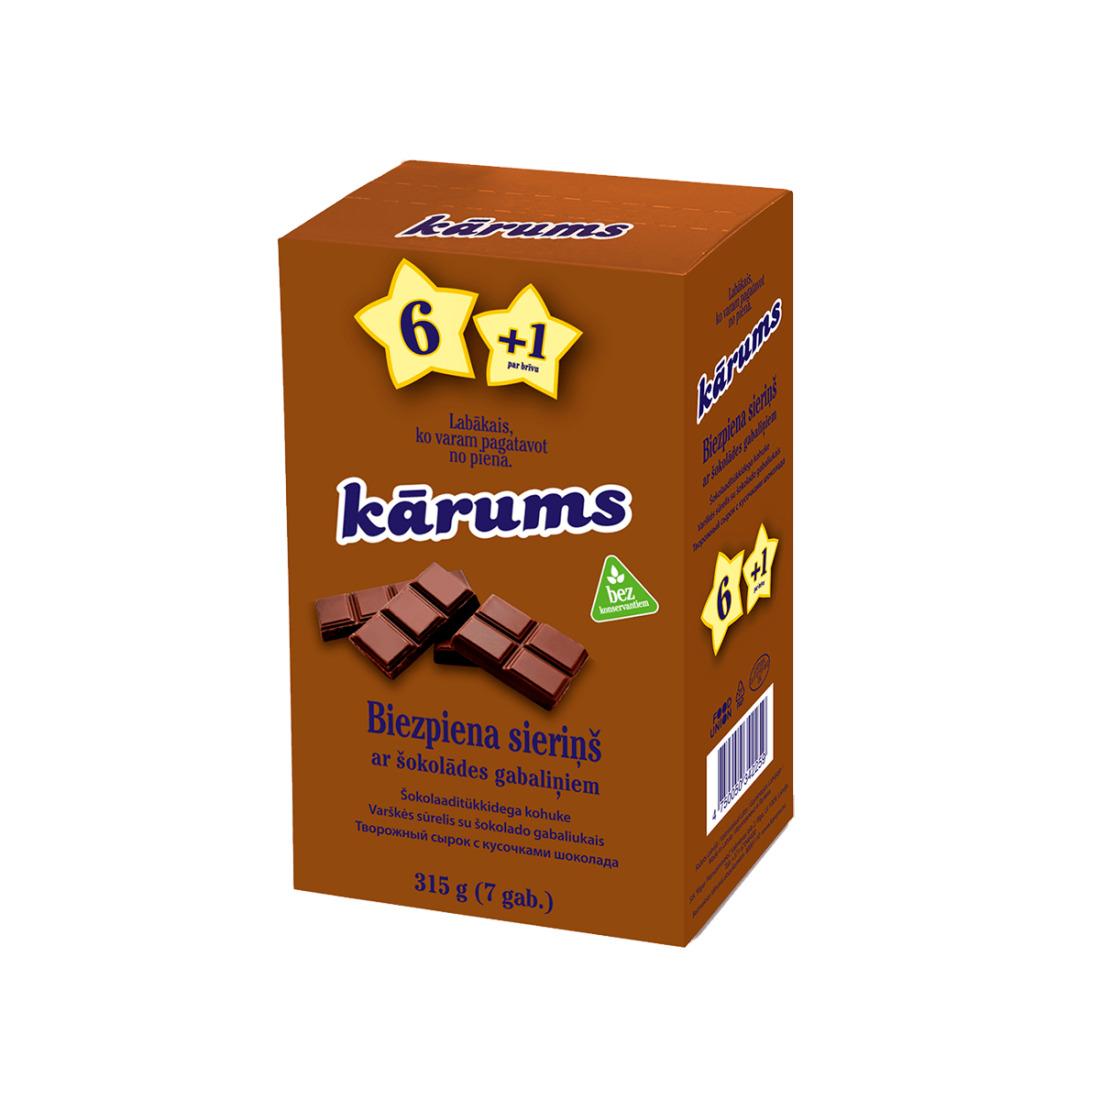 Biezpiena sieriņš Kārums šokolādes